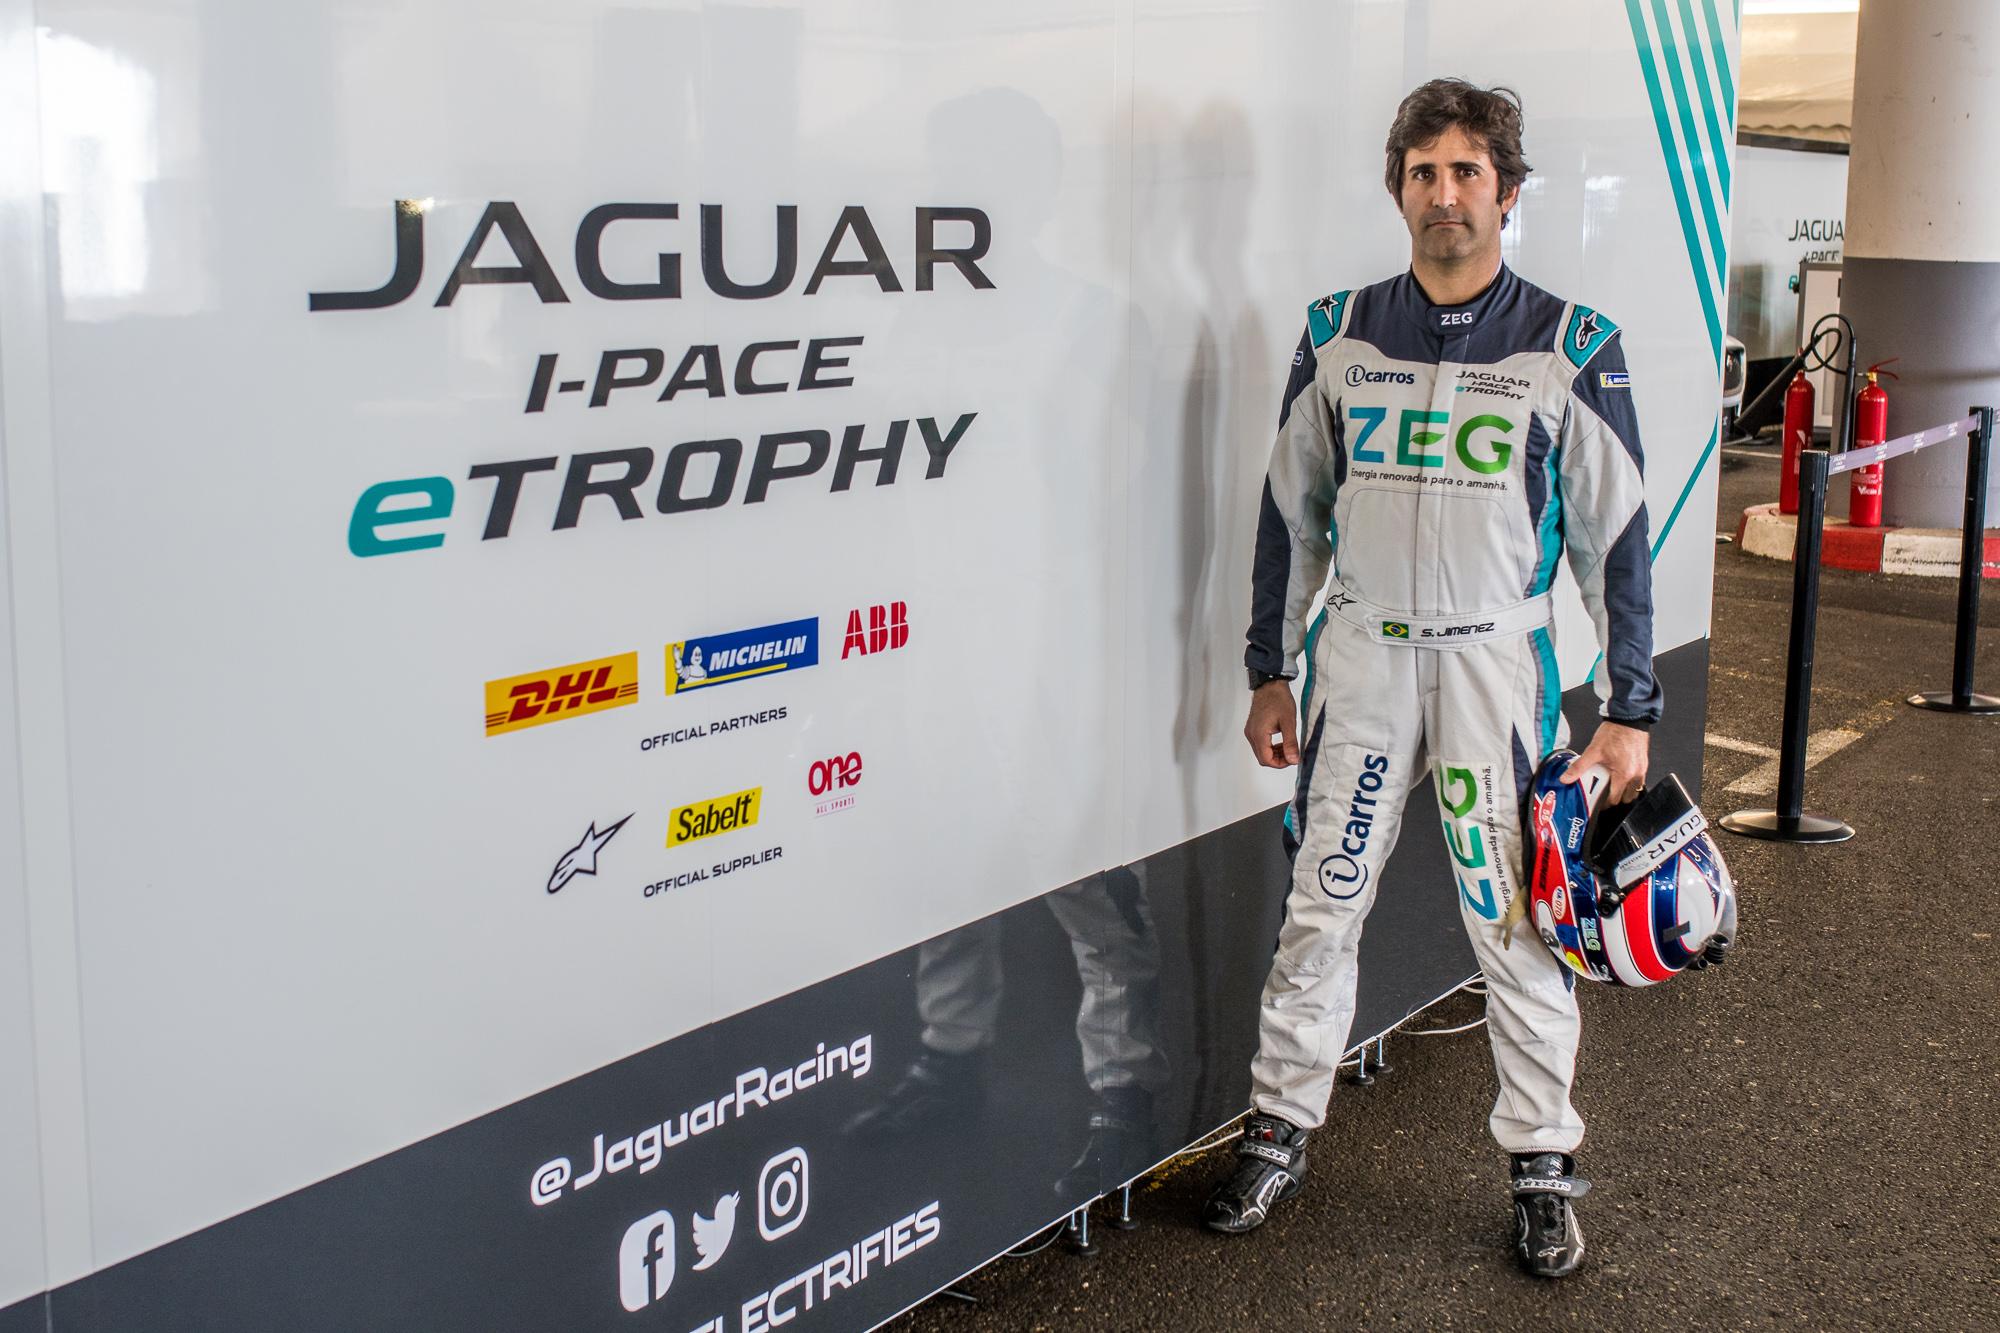 Jaguar_7.Monaco_josemariodias_01057